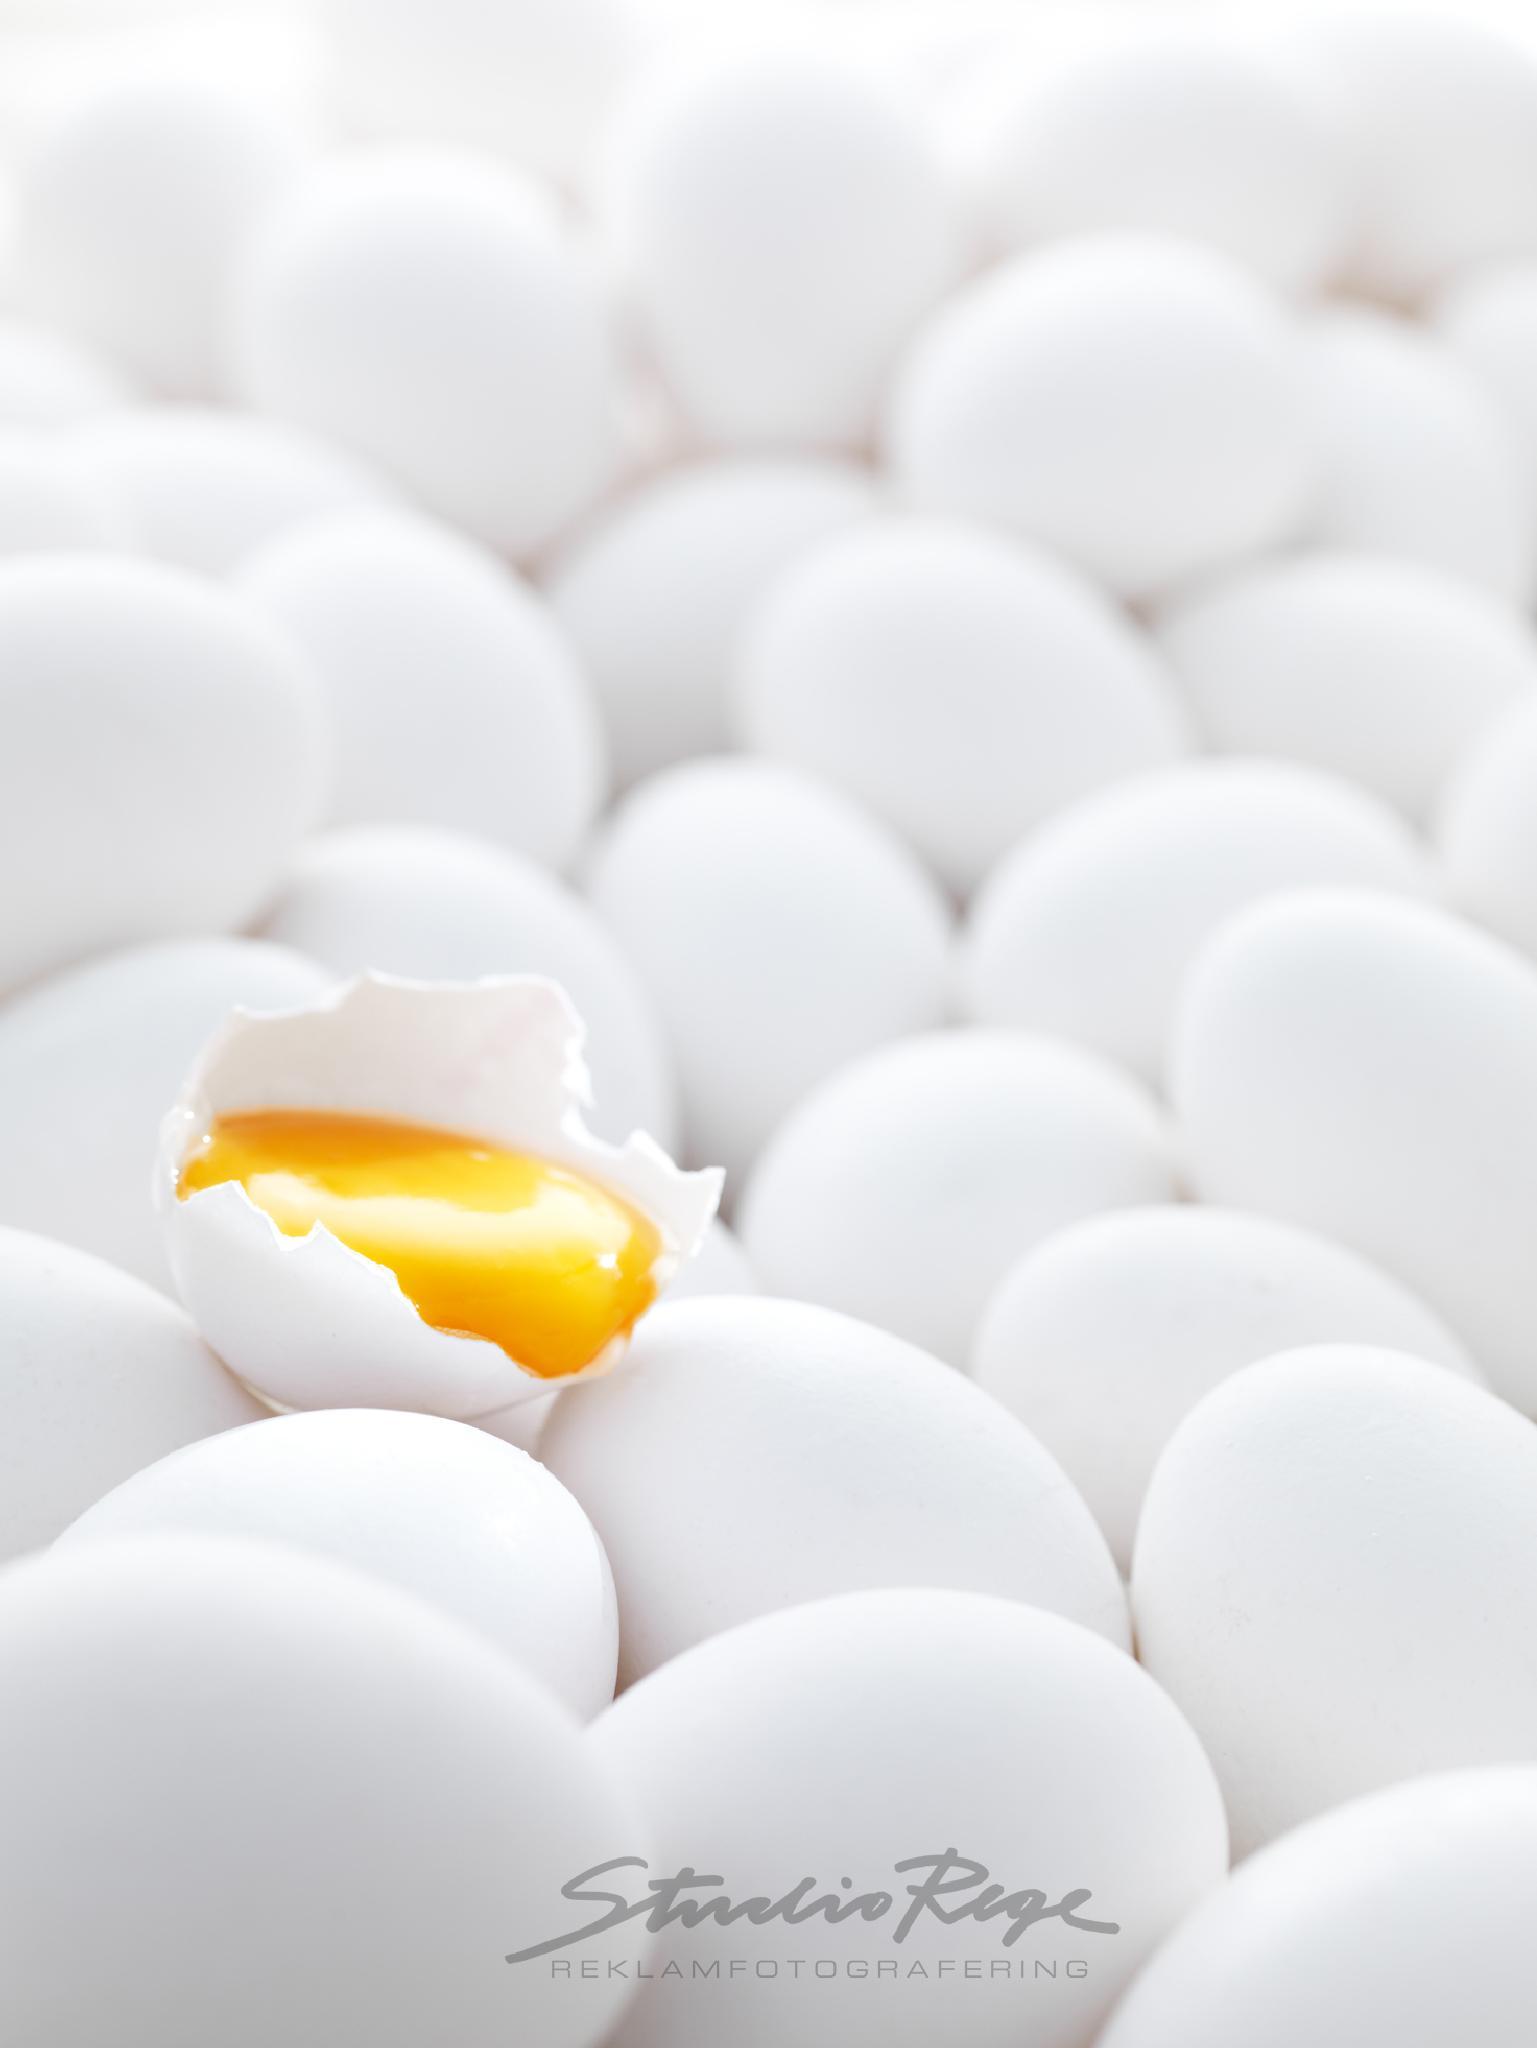 Eggs by fredrik.rege.5